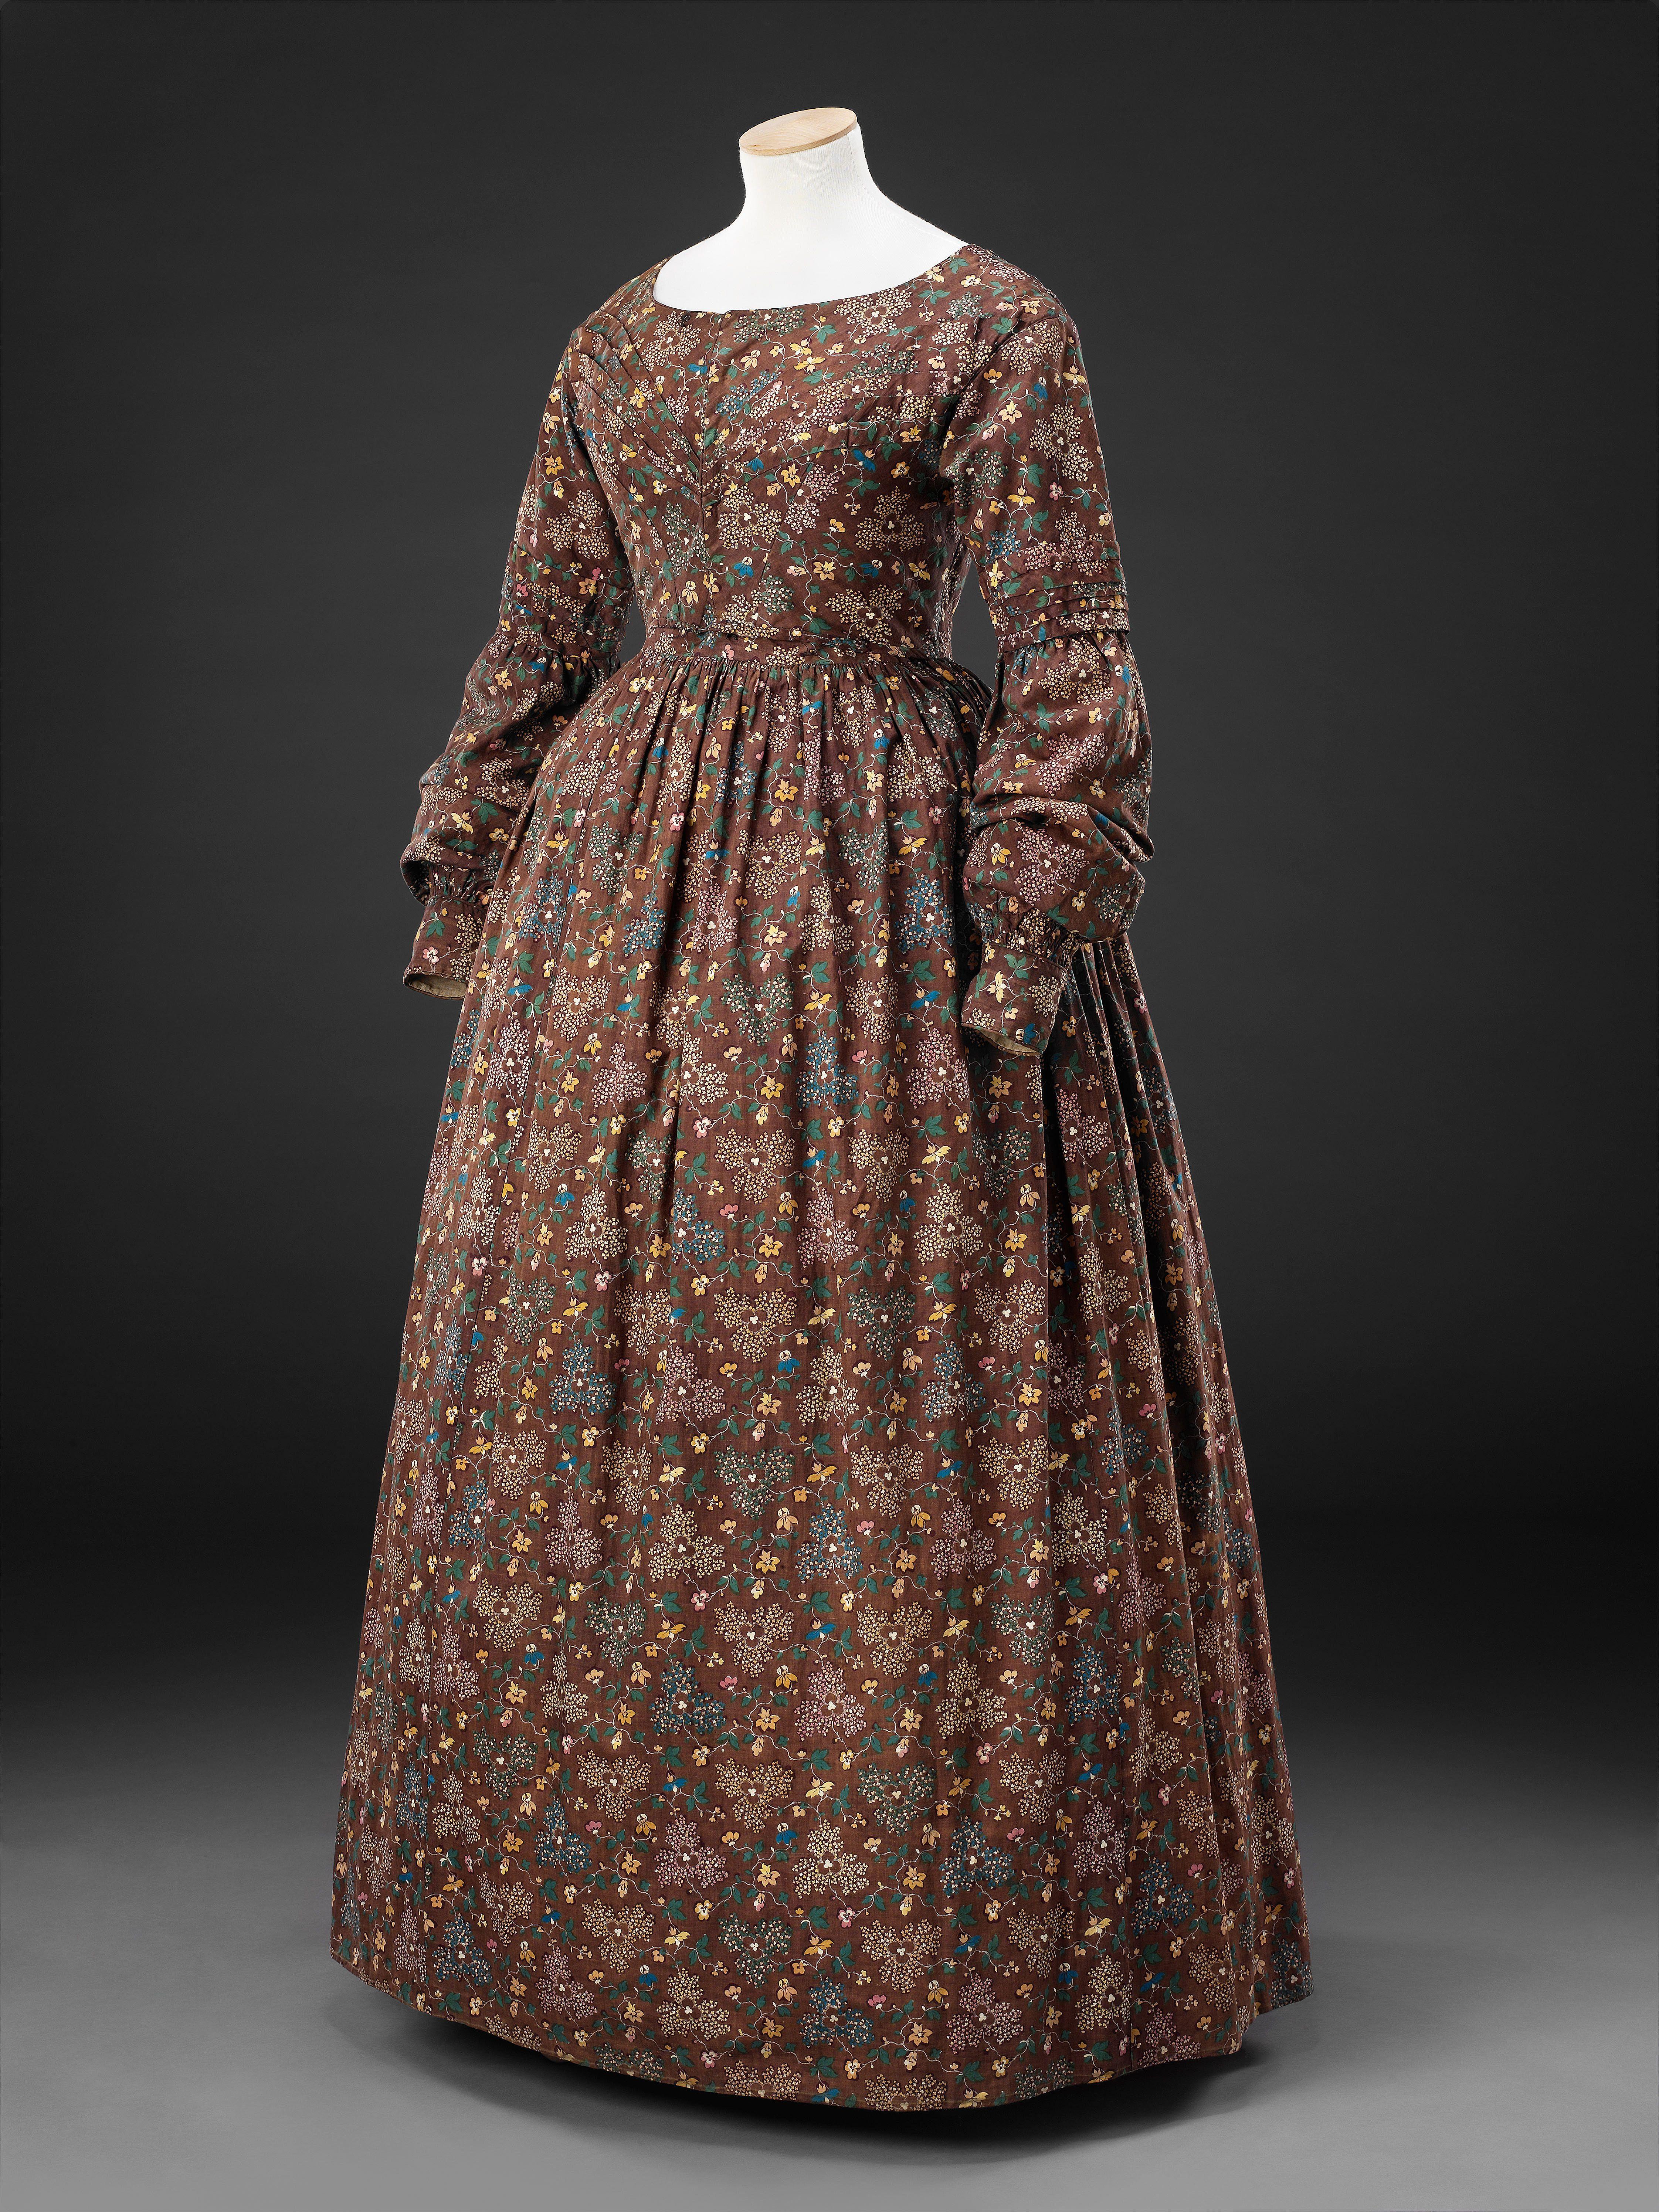 Dress Circa 1840 | dress | Pinterest | Gründerzeit, Viktorianisch ...